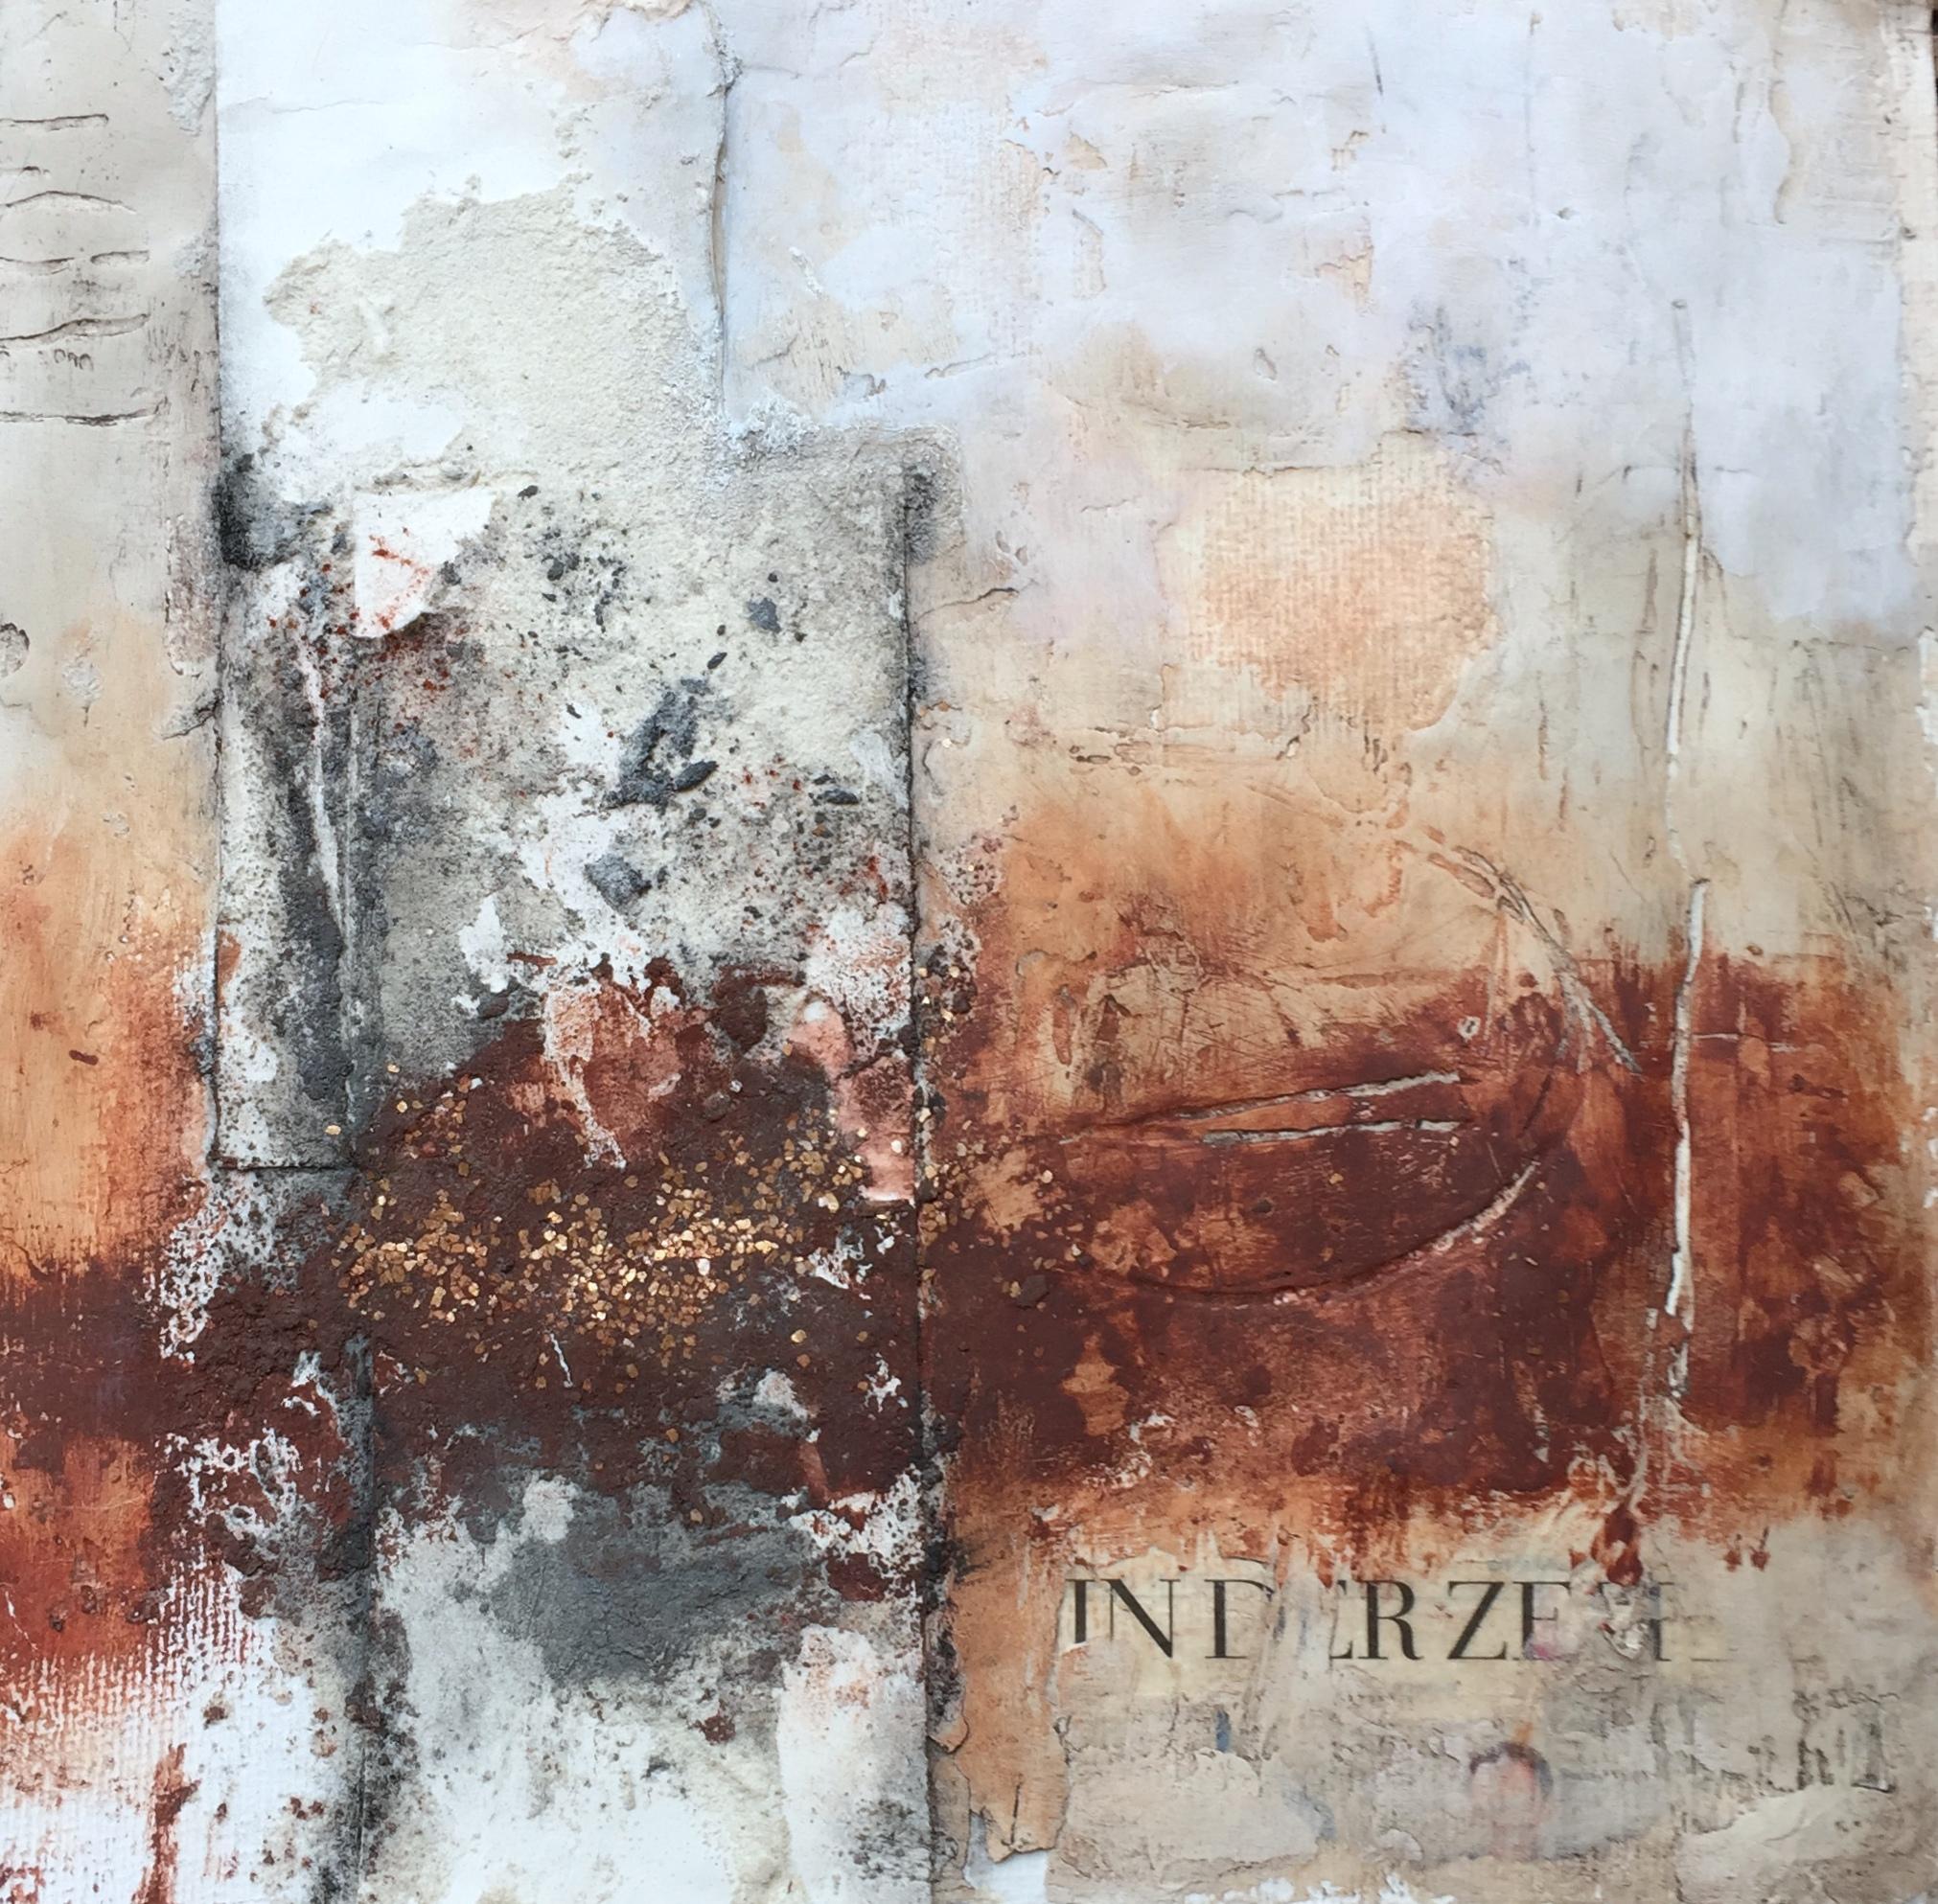 In der Zeit, Mixed Media auf Büttenpapaier, 32,5 x 32,5 cm